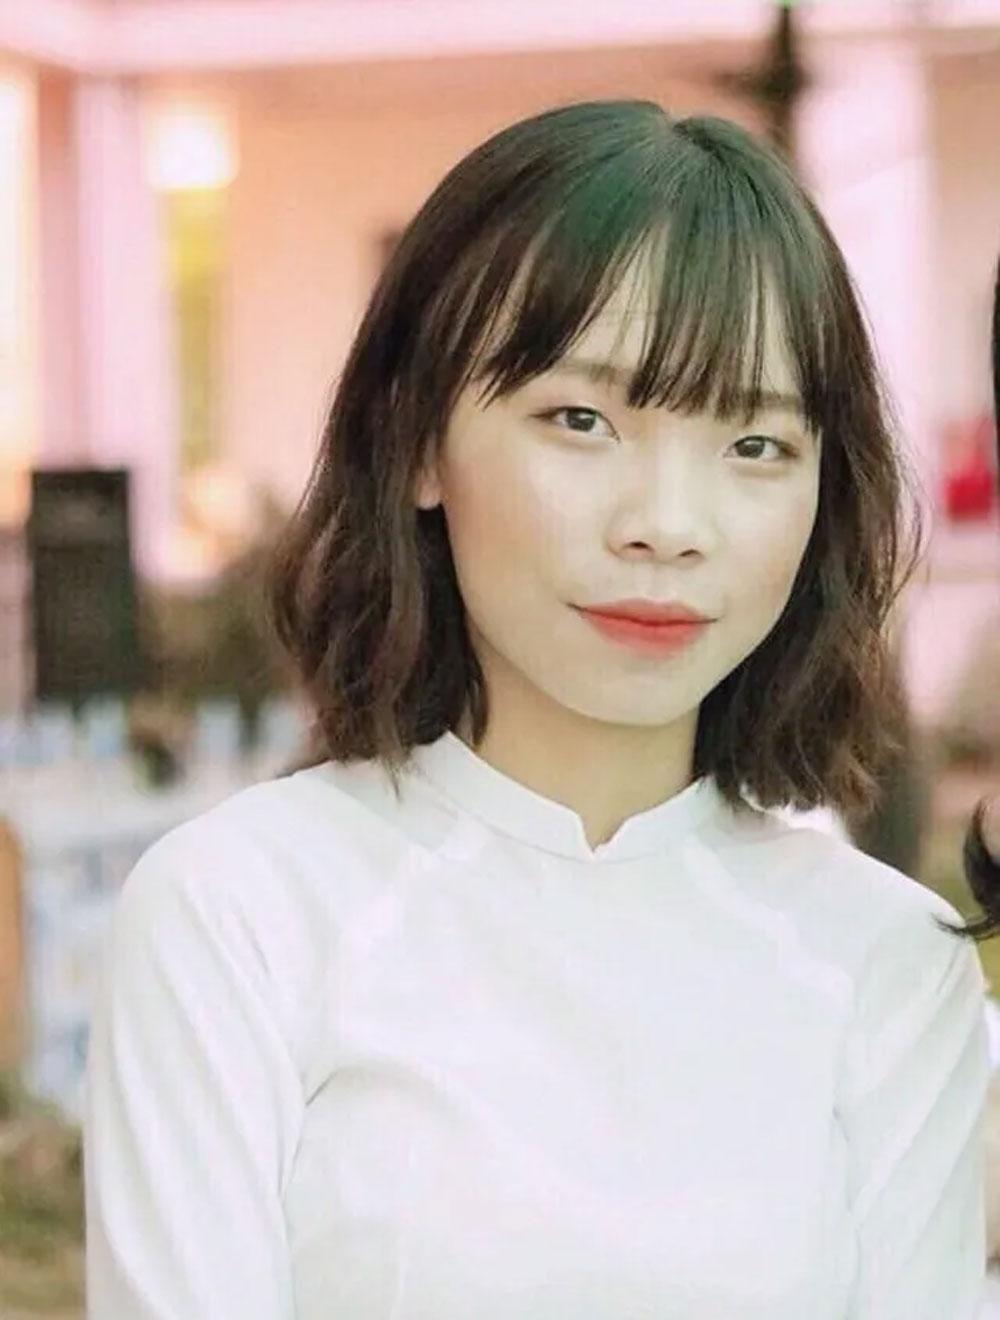 Một nữ sinh vùng núi Lào Cai, giành học bổng, 4 trường đại học Mỹ,  Nguyễn Ngọc Liên